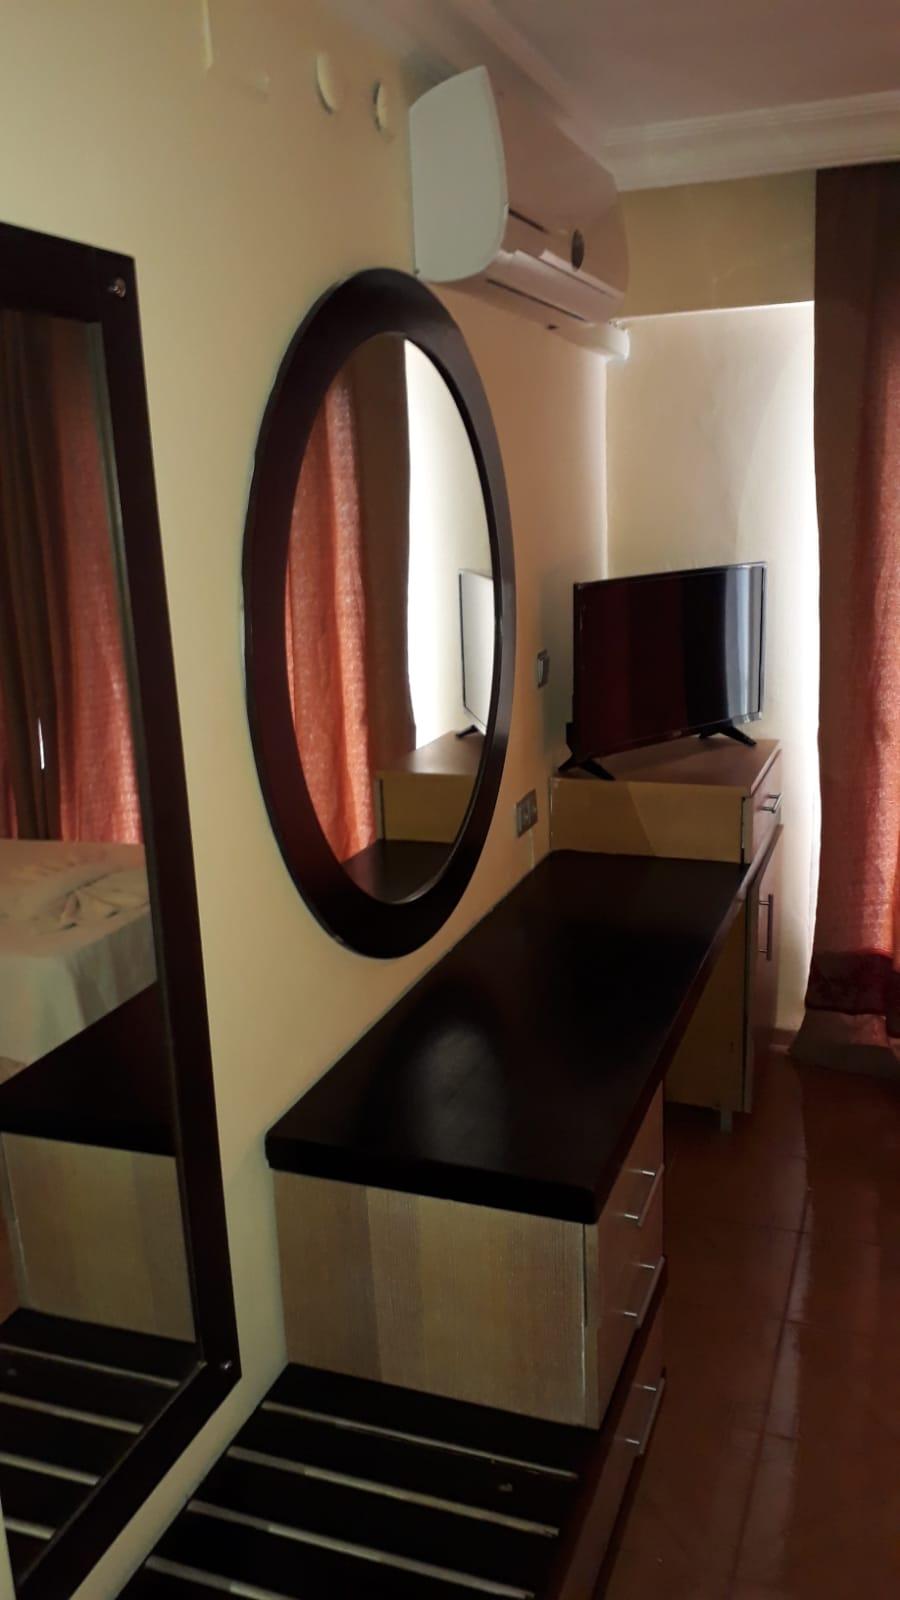 Letovanje Turska autobusom, Kusadasi, Hotel Roxx Royal ex Santur,izgled hotelske sobe